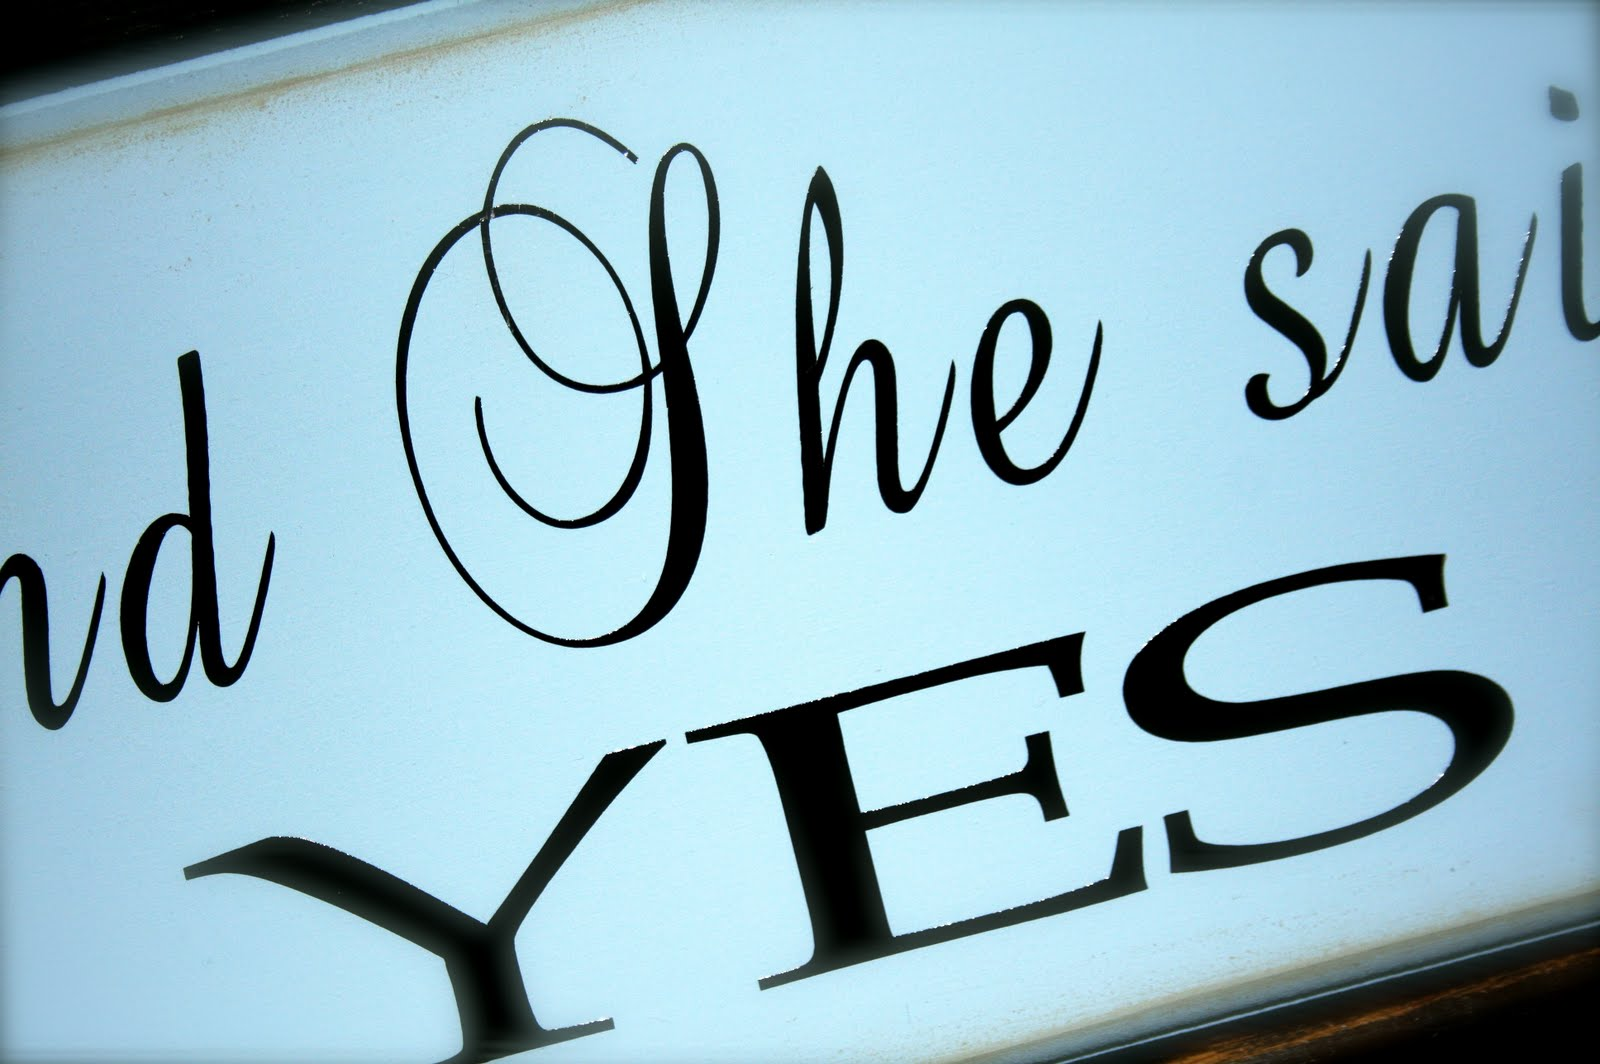 And she yes yes yes yees yeeeeeeees 3